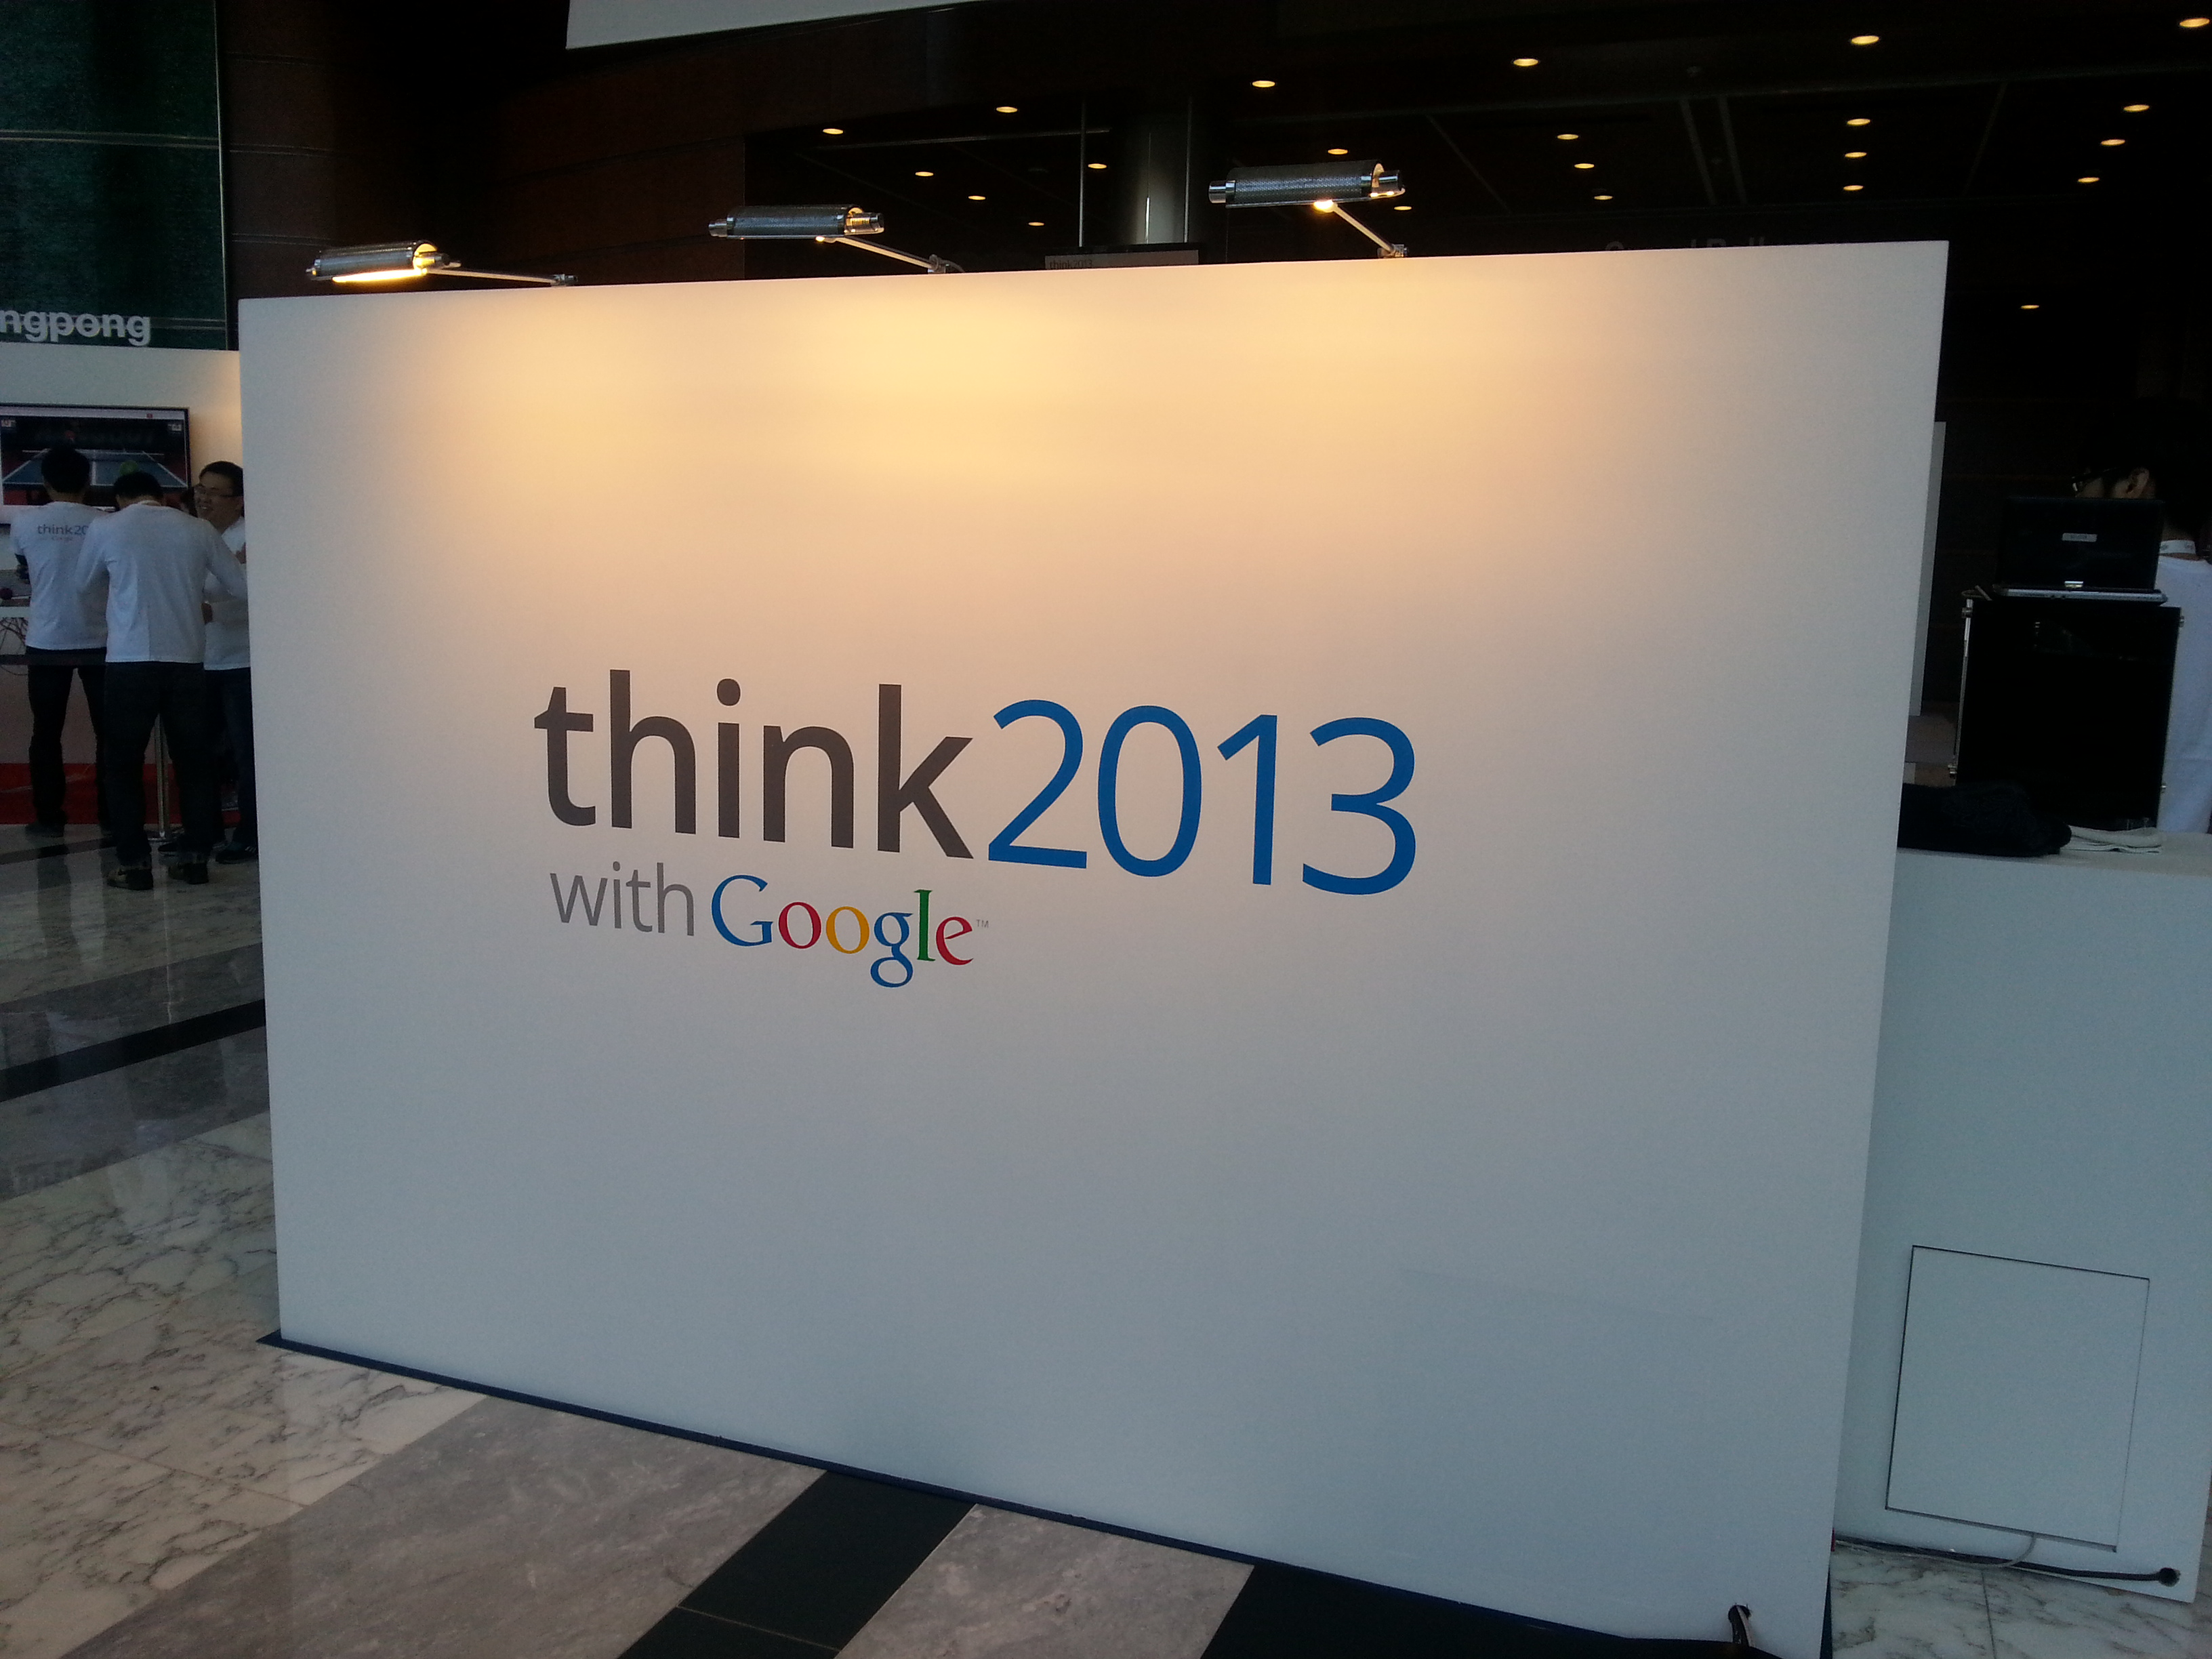 구글 컨퍼런스-구글 think2013